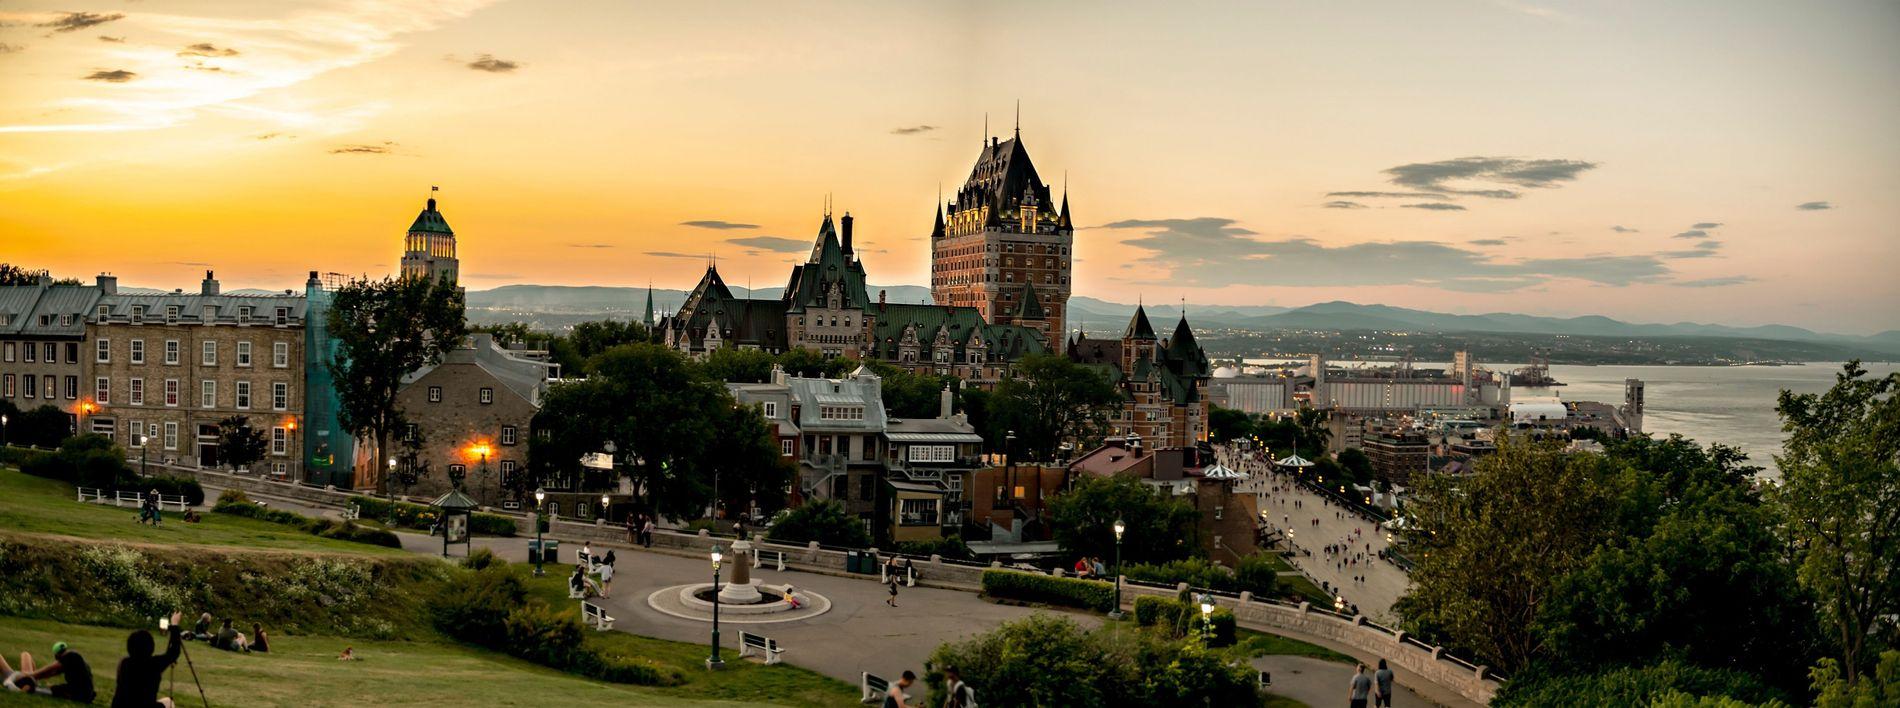 Québec erstrahlt im Sonnenuntergang. Die Stadt wurde neben dem Sankt-Lorenz-Strom auf zwei Ebenen errichtet und besteht aus der Oberstadt (Haute-Ville) und der Unterstadt (Basse-Ville). Die gut erhaltenen historischen Befestigungsanlagen Québecs, darunter auch die alte Stadtmauer, sind einer der Gründe dafür, dass die UNESCO der Stadt im Jahr 1985 den Welterbestatus verlieh.